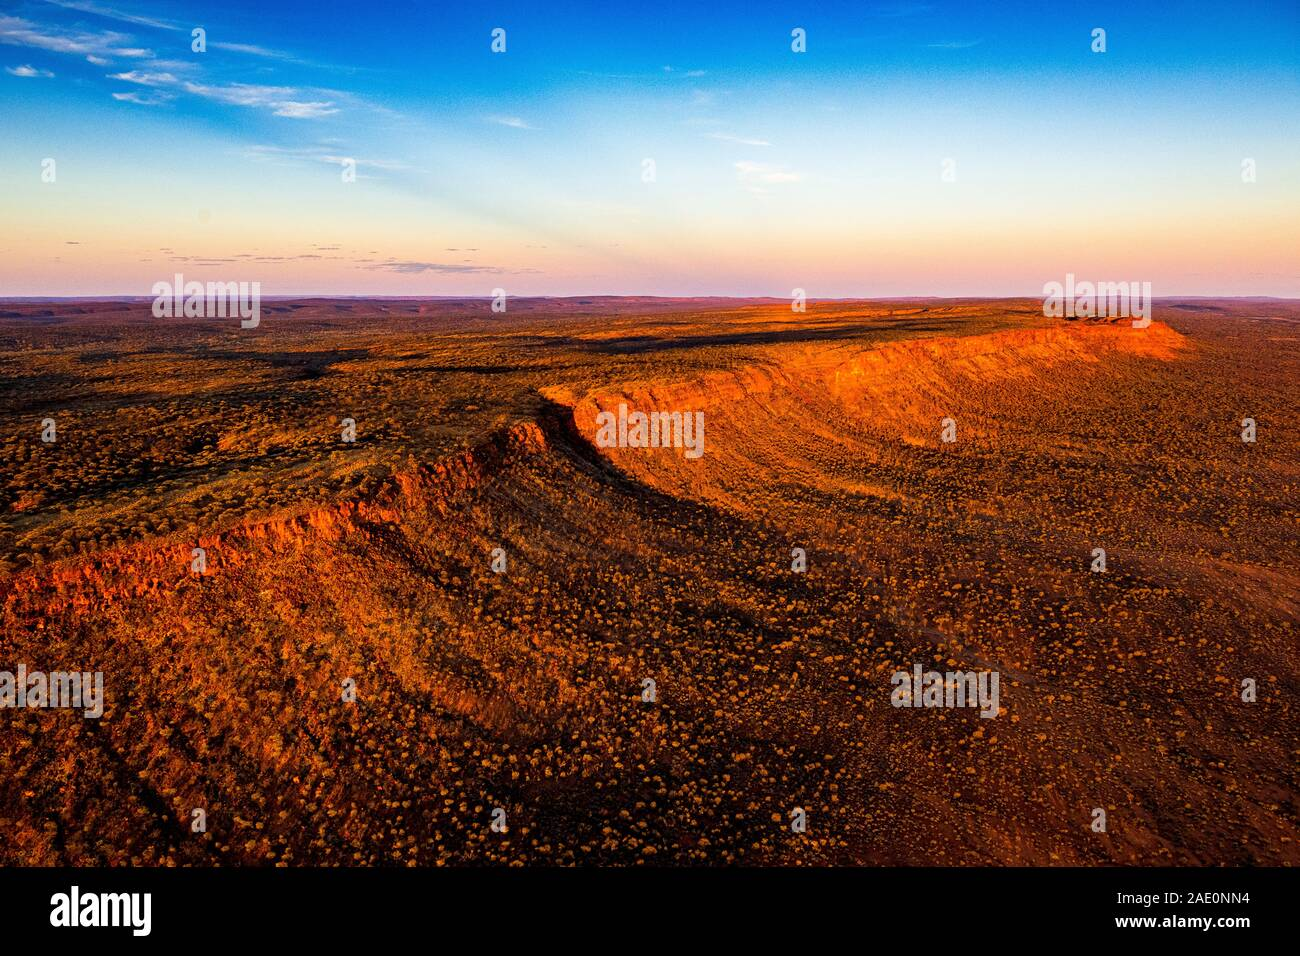 Impresionantes vistas aéreas de la George Gill rango al atardecer. Situado en el centro de Australia a distancia. Foto de stock